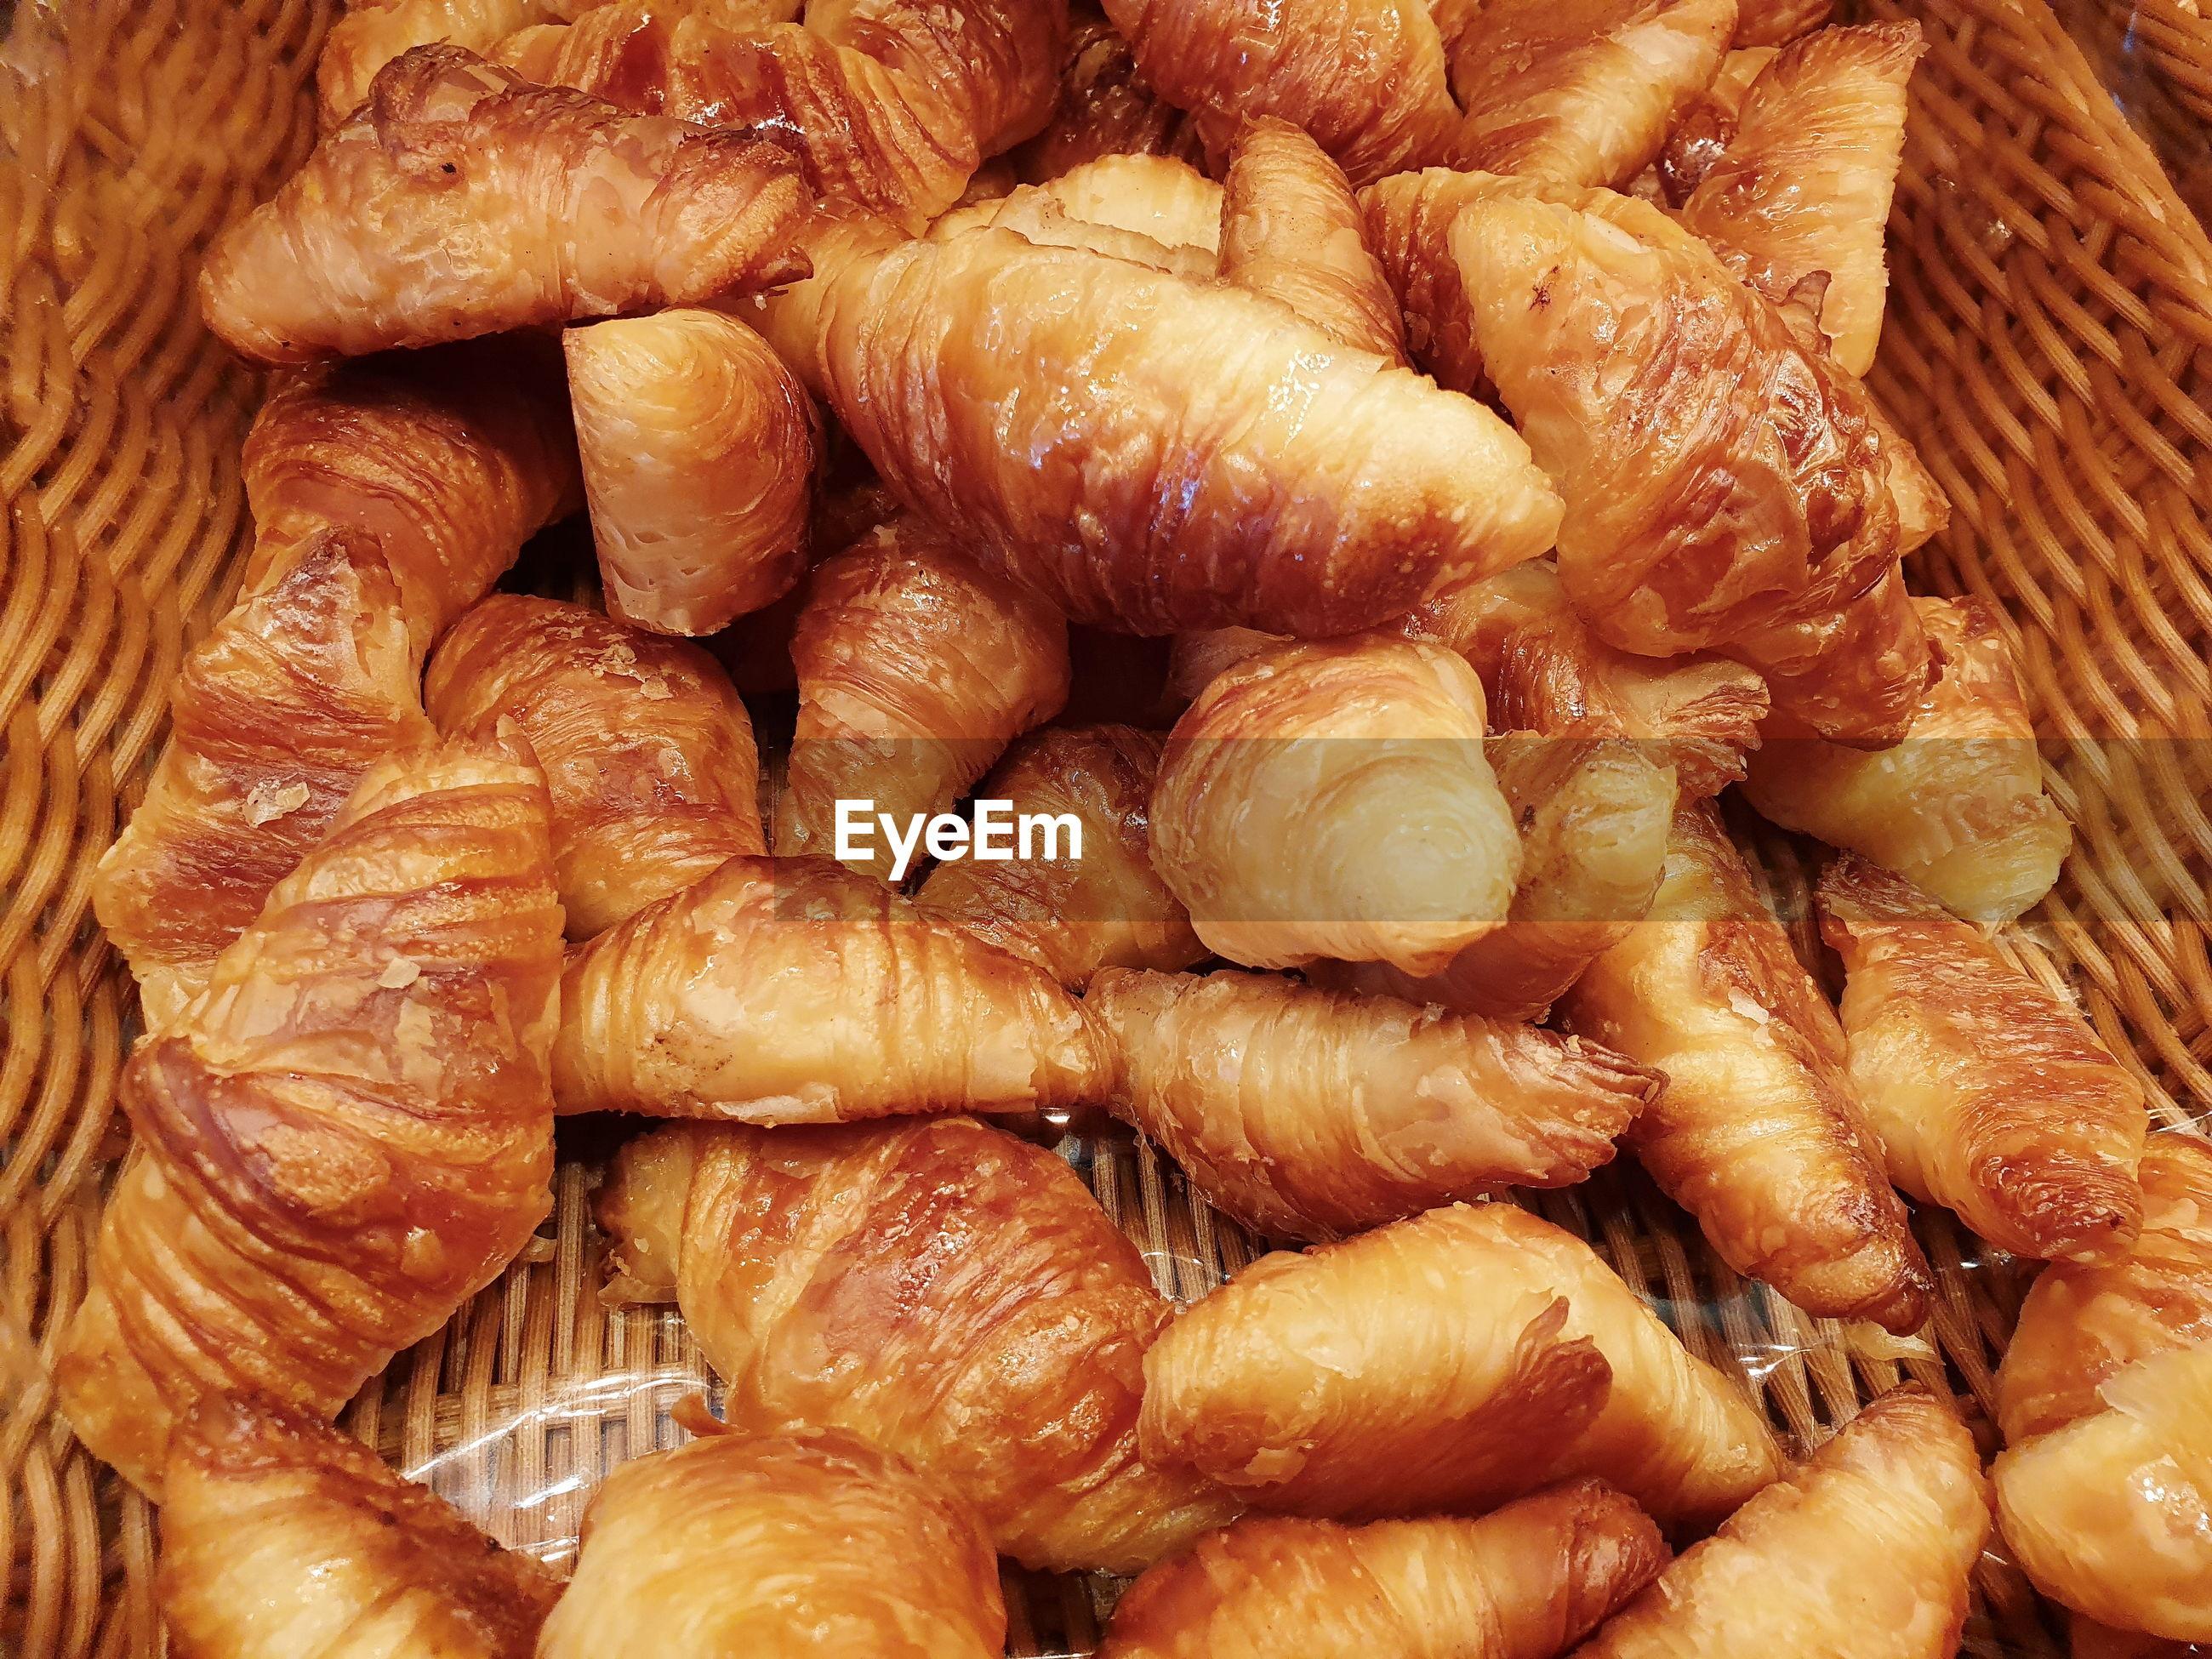 Freshly baked croissants in a wicker basket.